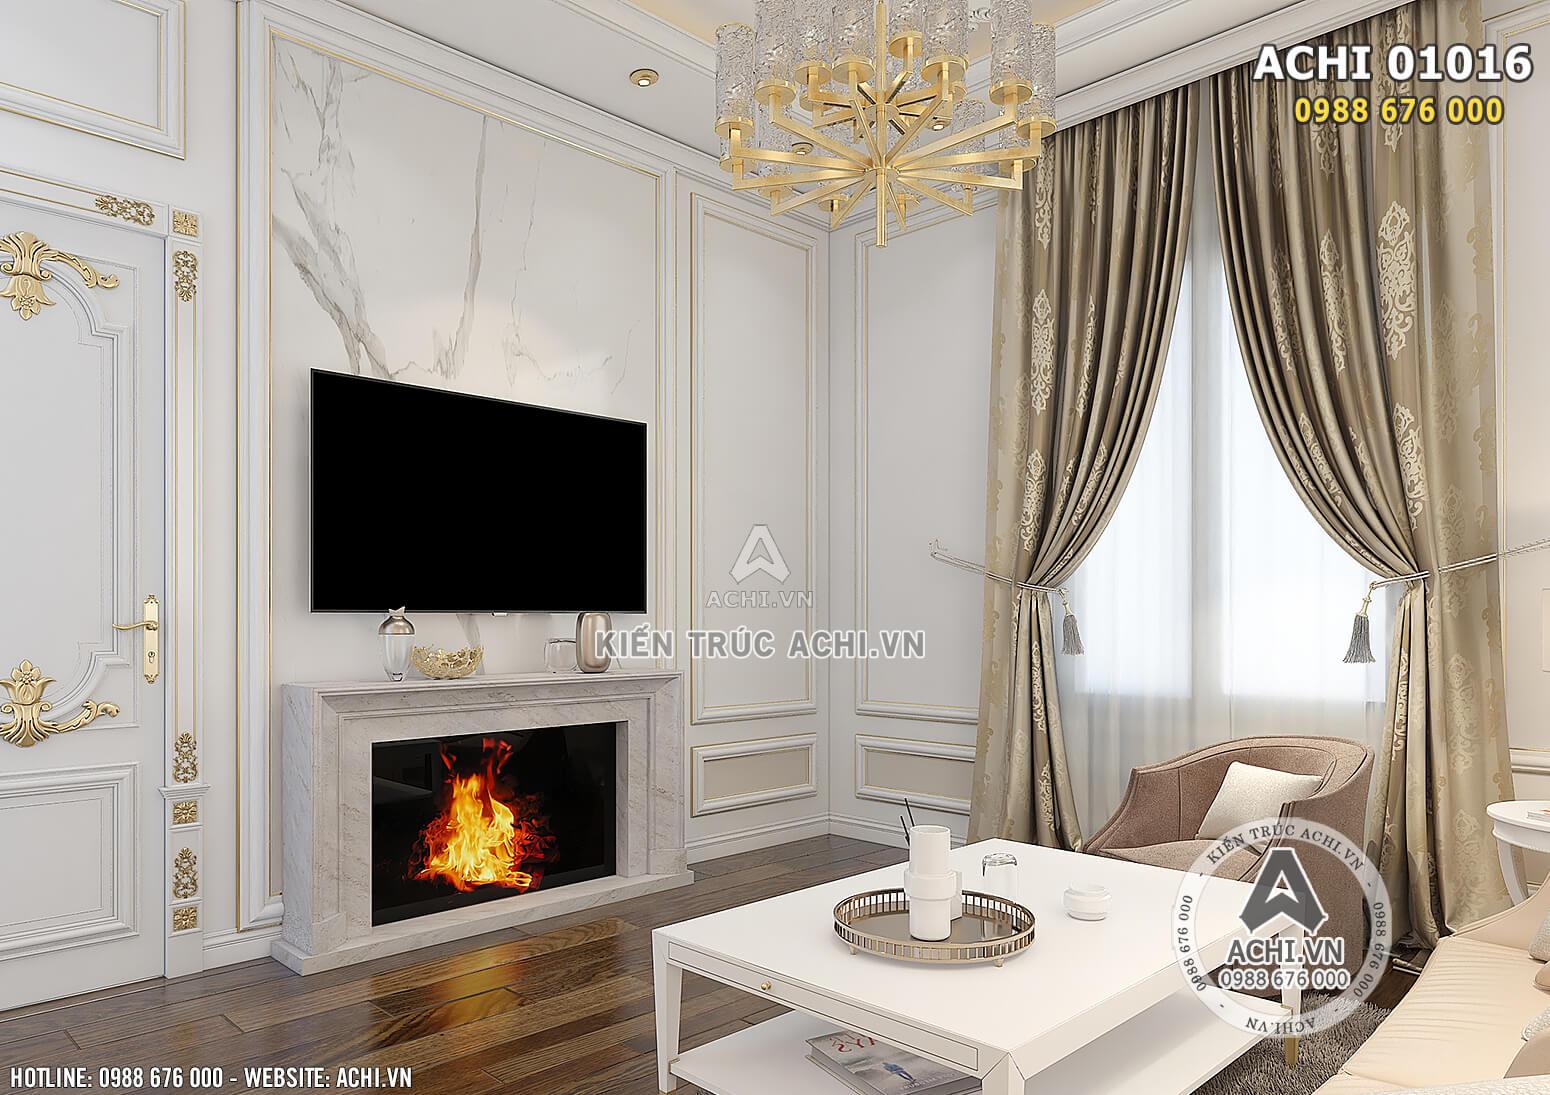 Hình ảnh: Phòng sinh hoạt chung được thiết kế vô cùng ấm cùng - ACHI 01016